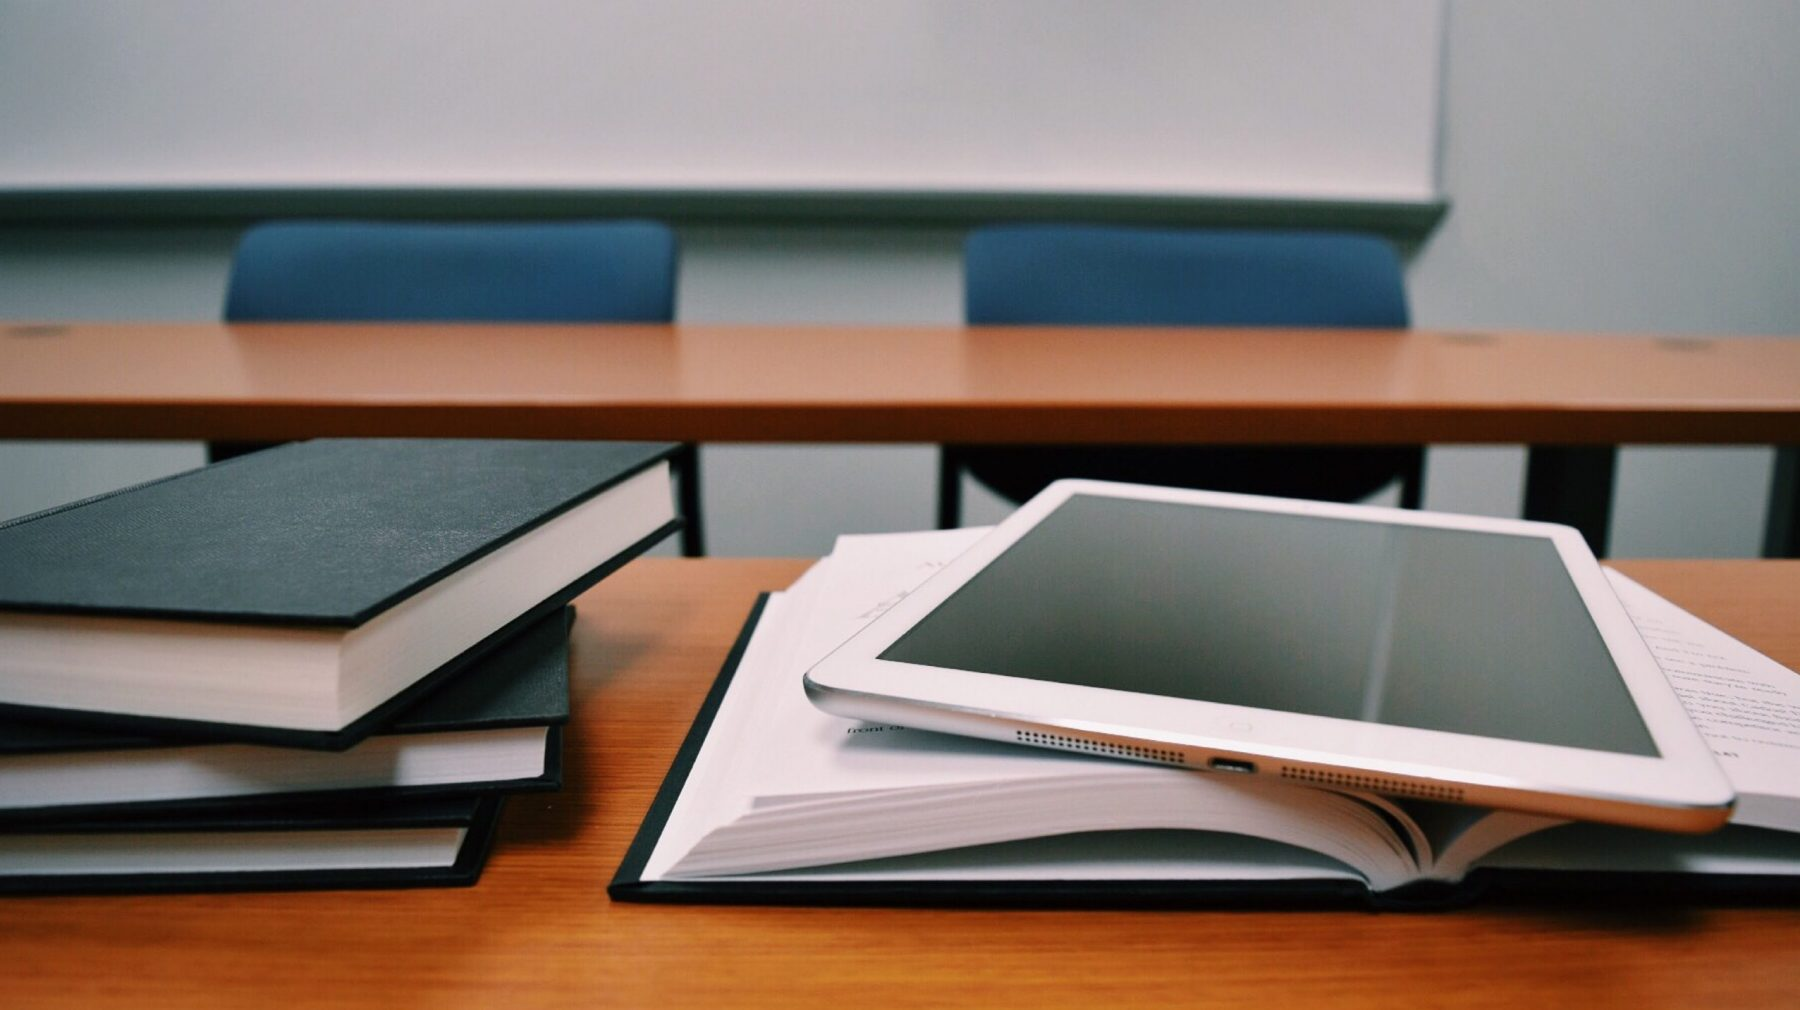 Vaker achterstand bij brugklassers door lerarentekort